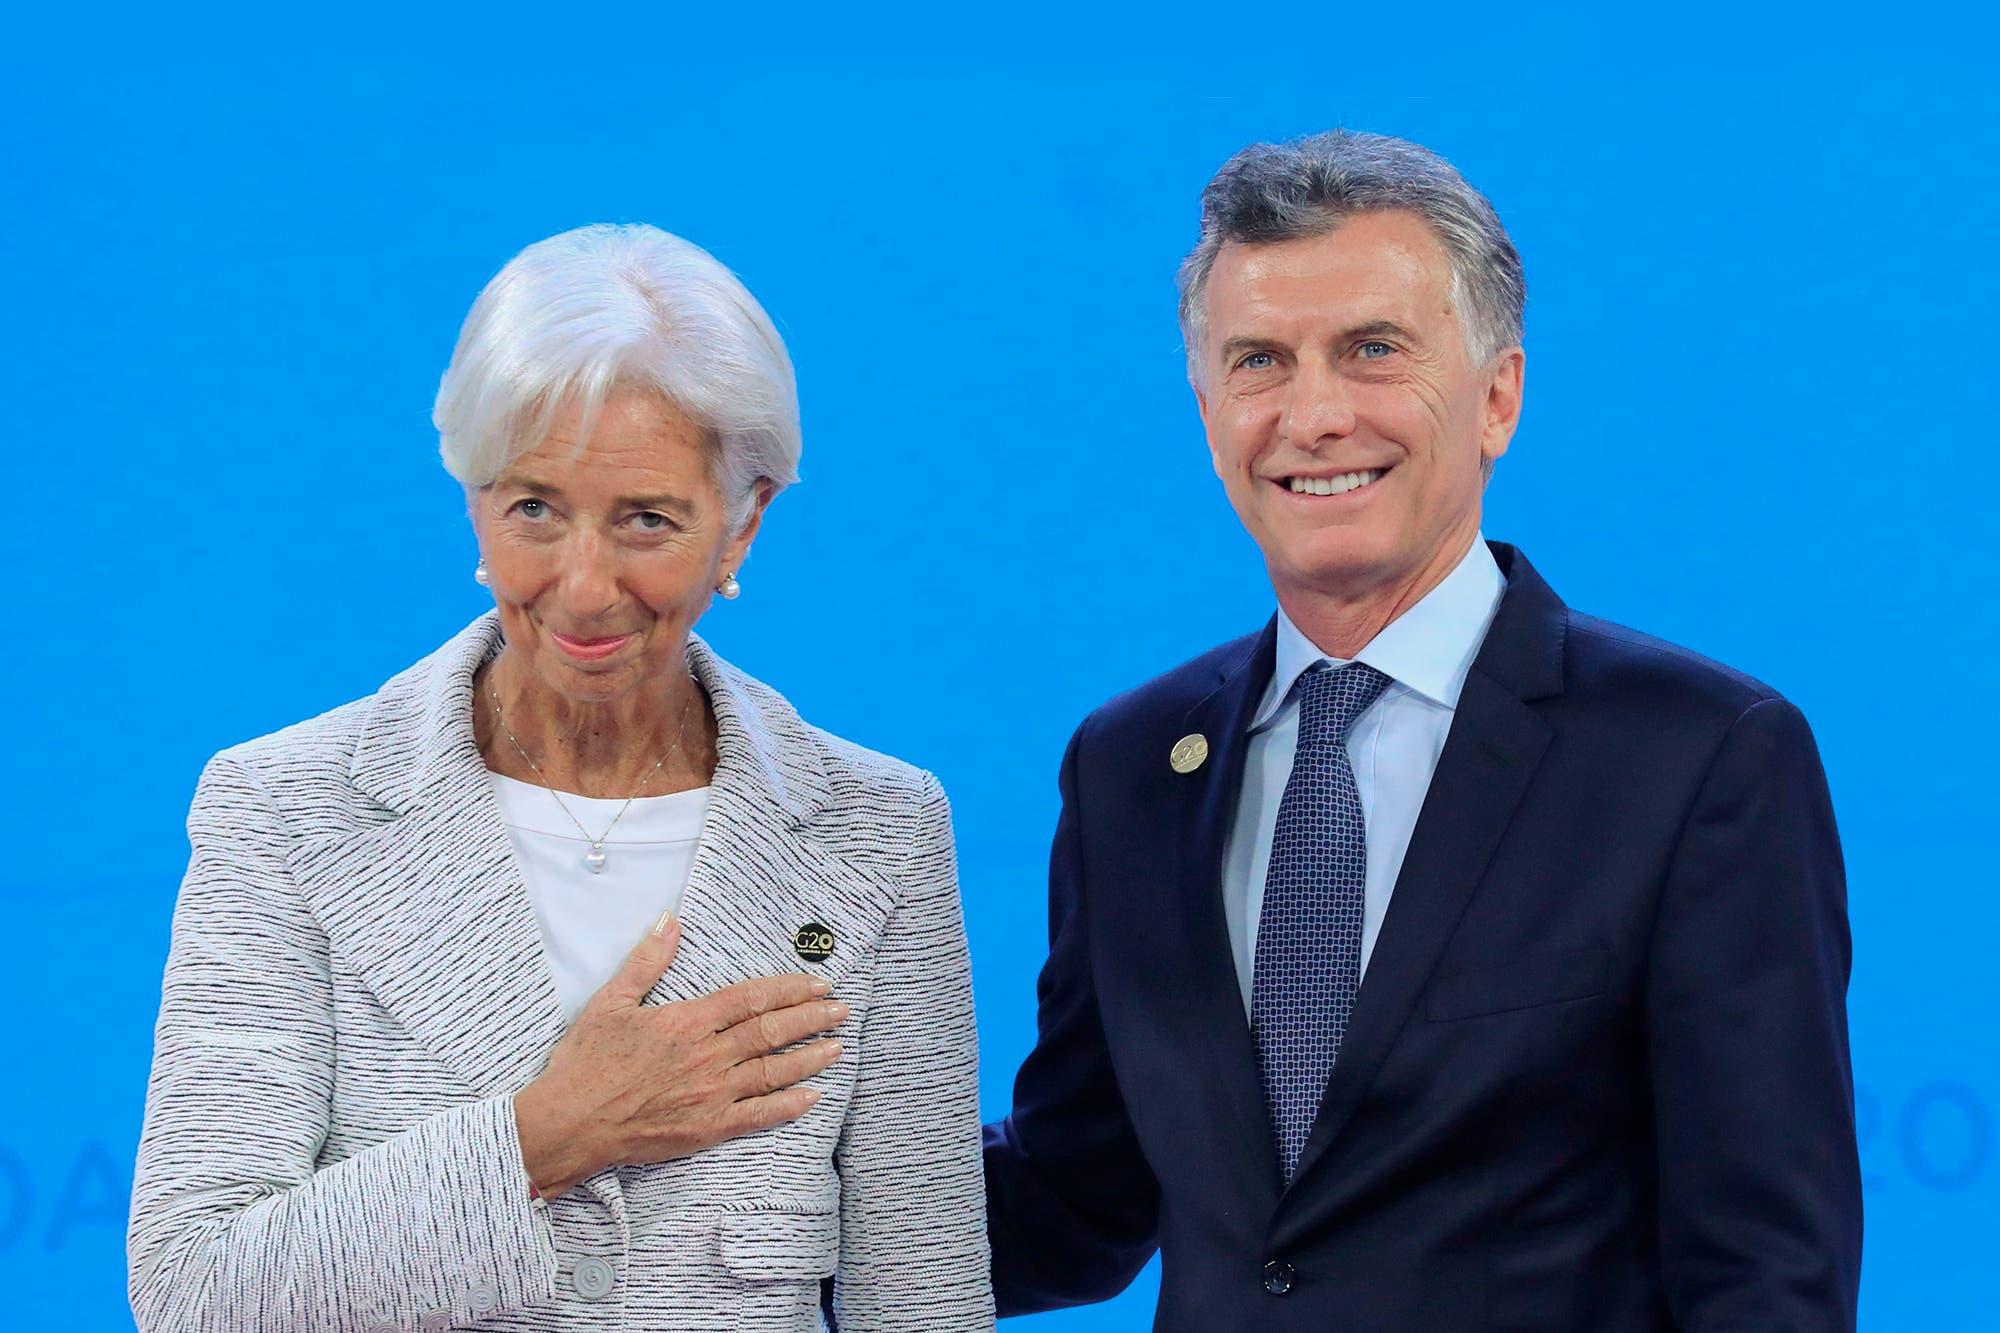 El FMI aprobó la cuarta revisión de la economía argentina y depositará US$5400 millones